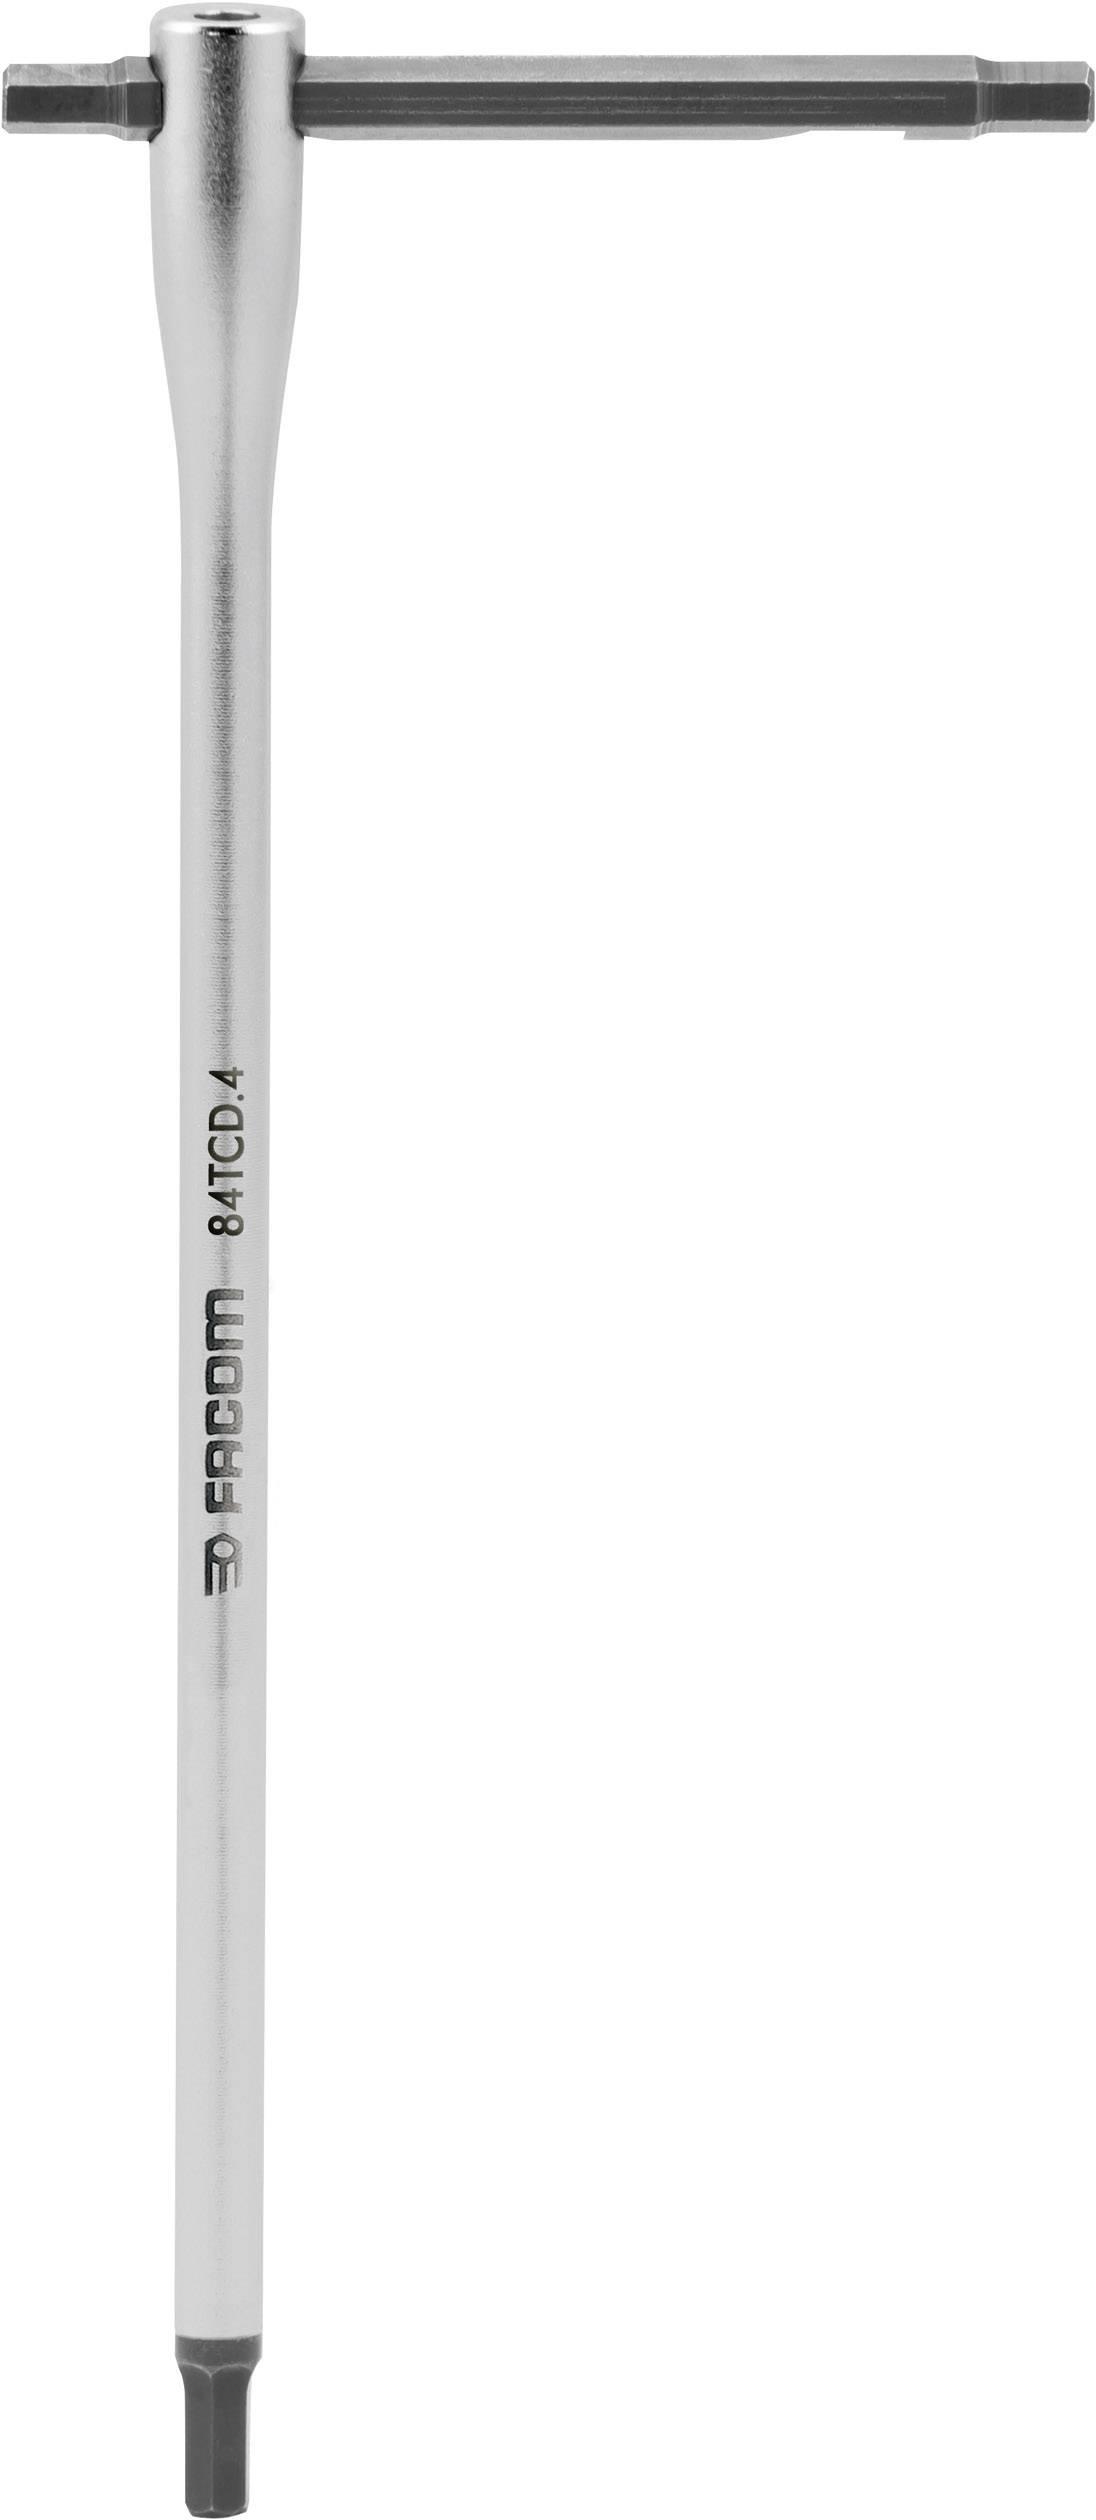 Imbusový kľúč s flexibilnou T rukoväťou Facom 84TCD.4, 4 mm